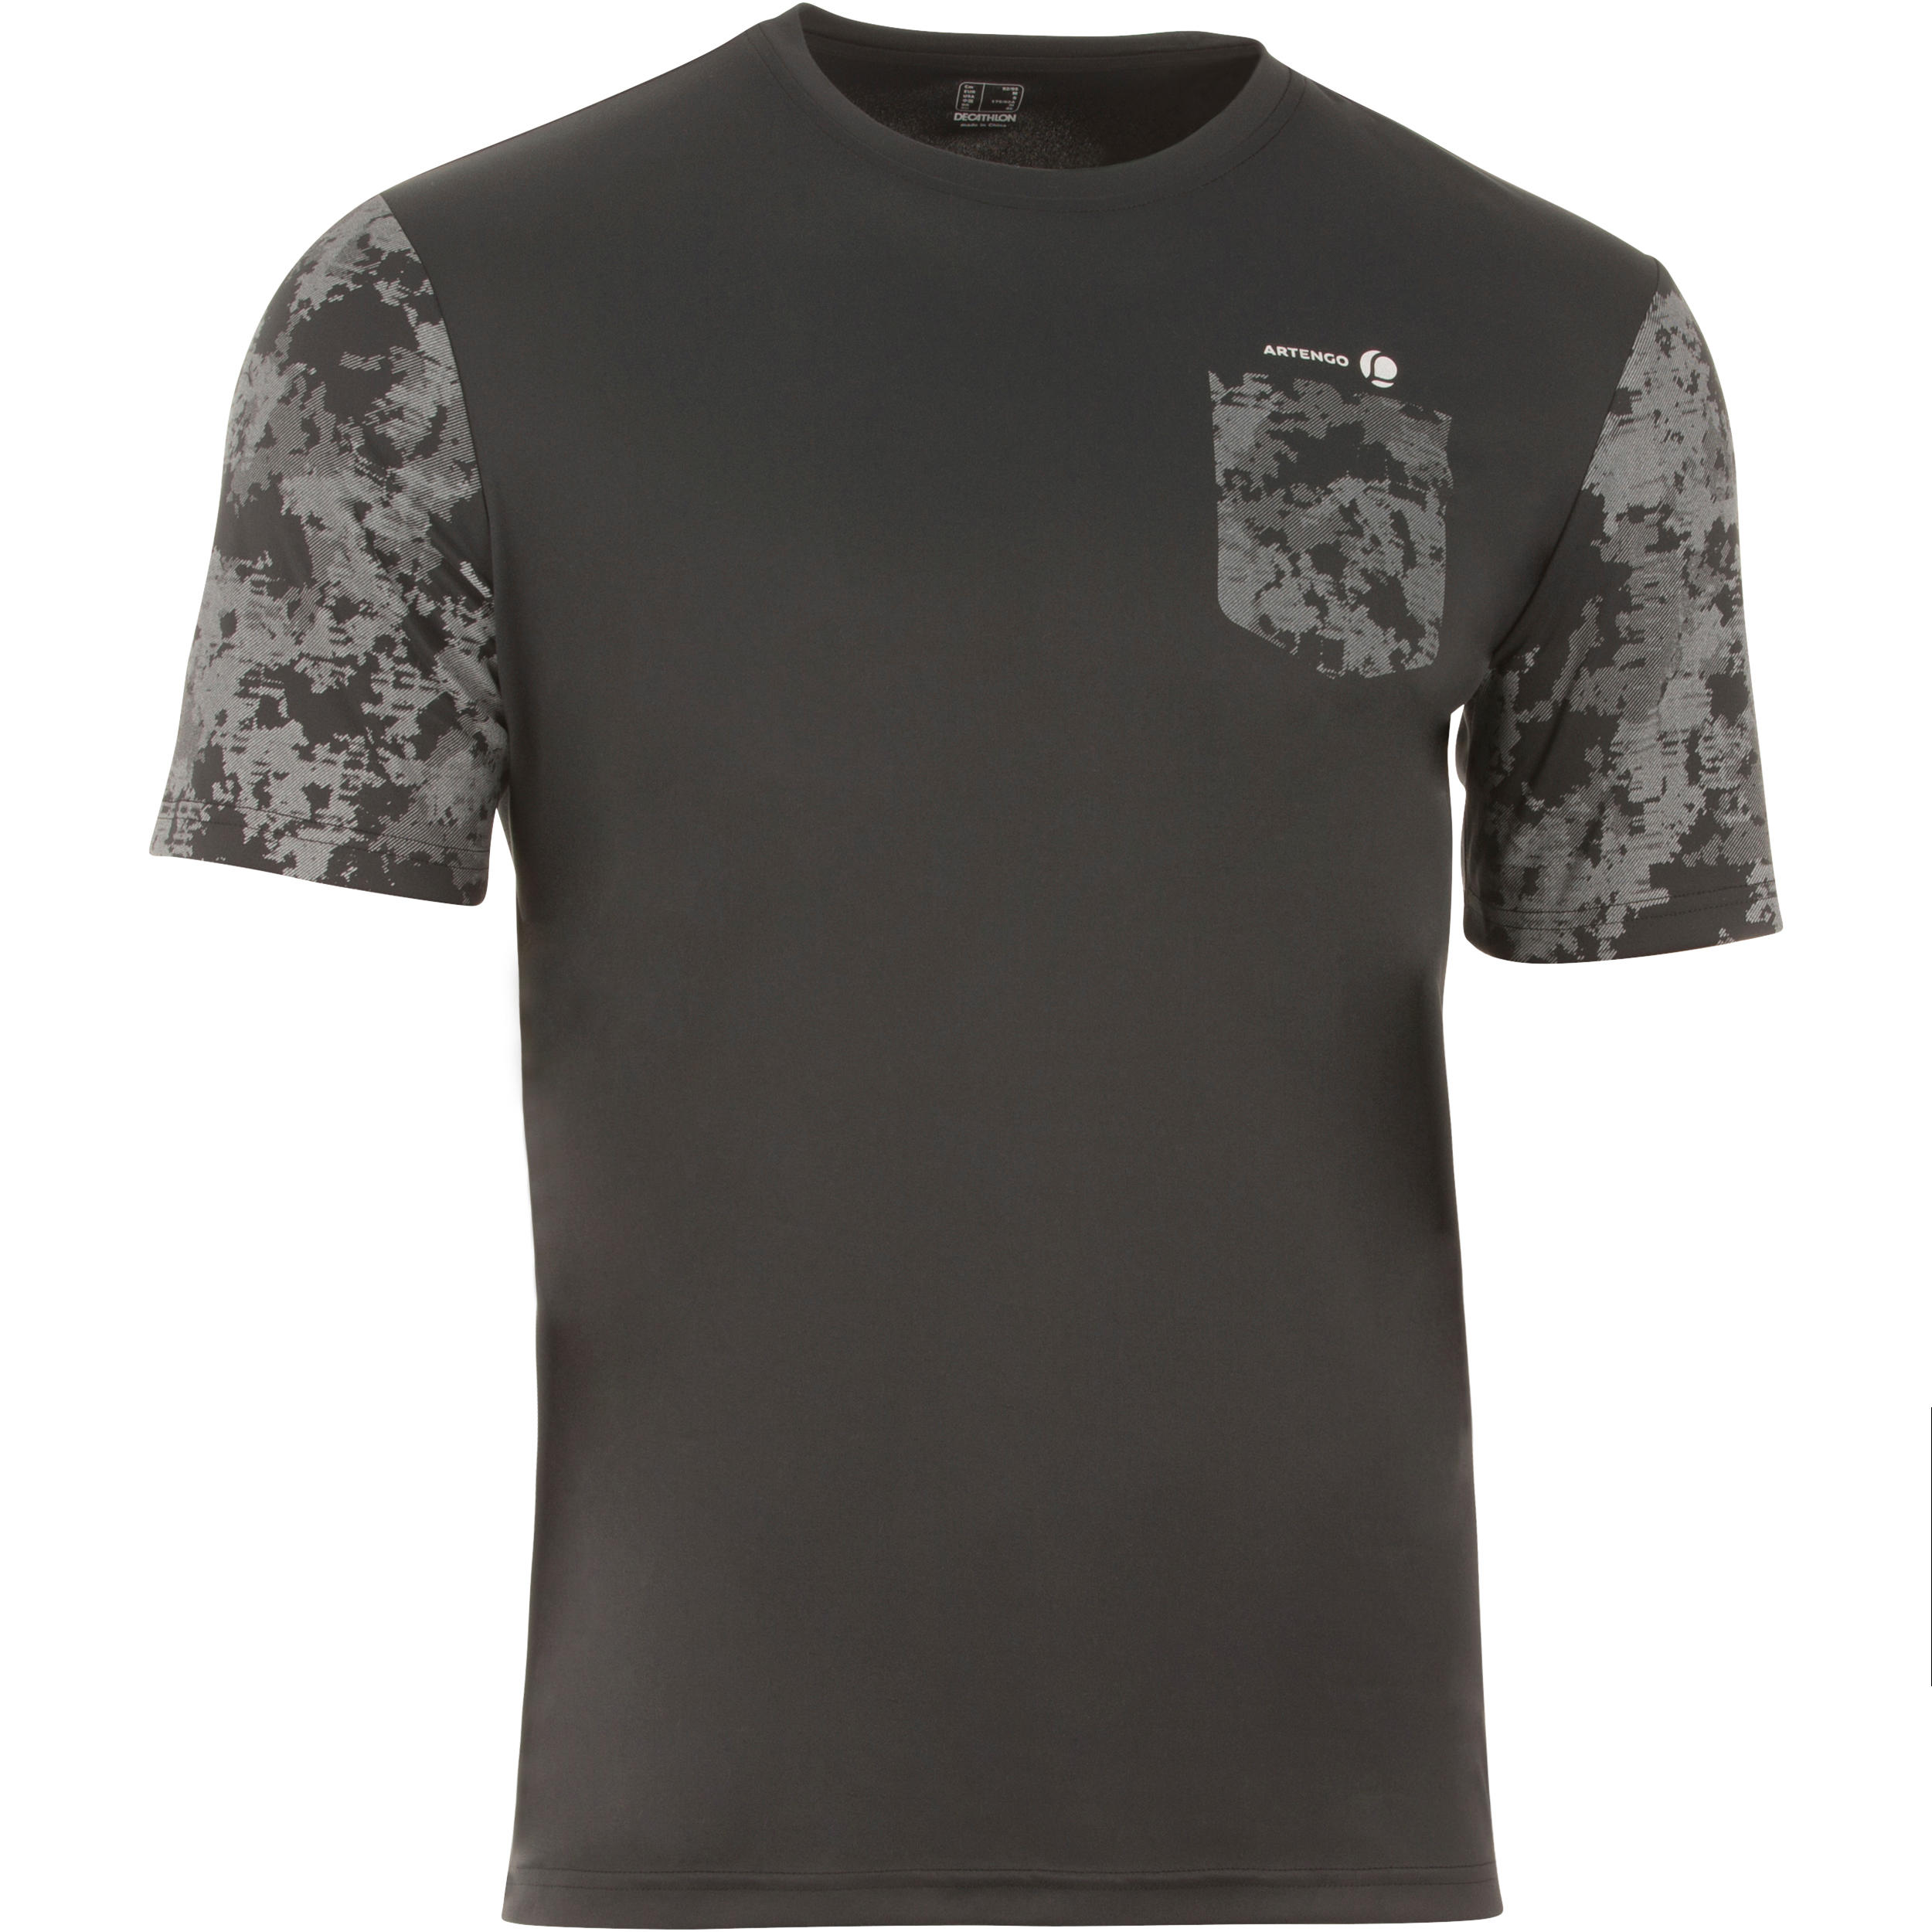 Artengo T-shirt tennis heren Soft 100